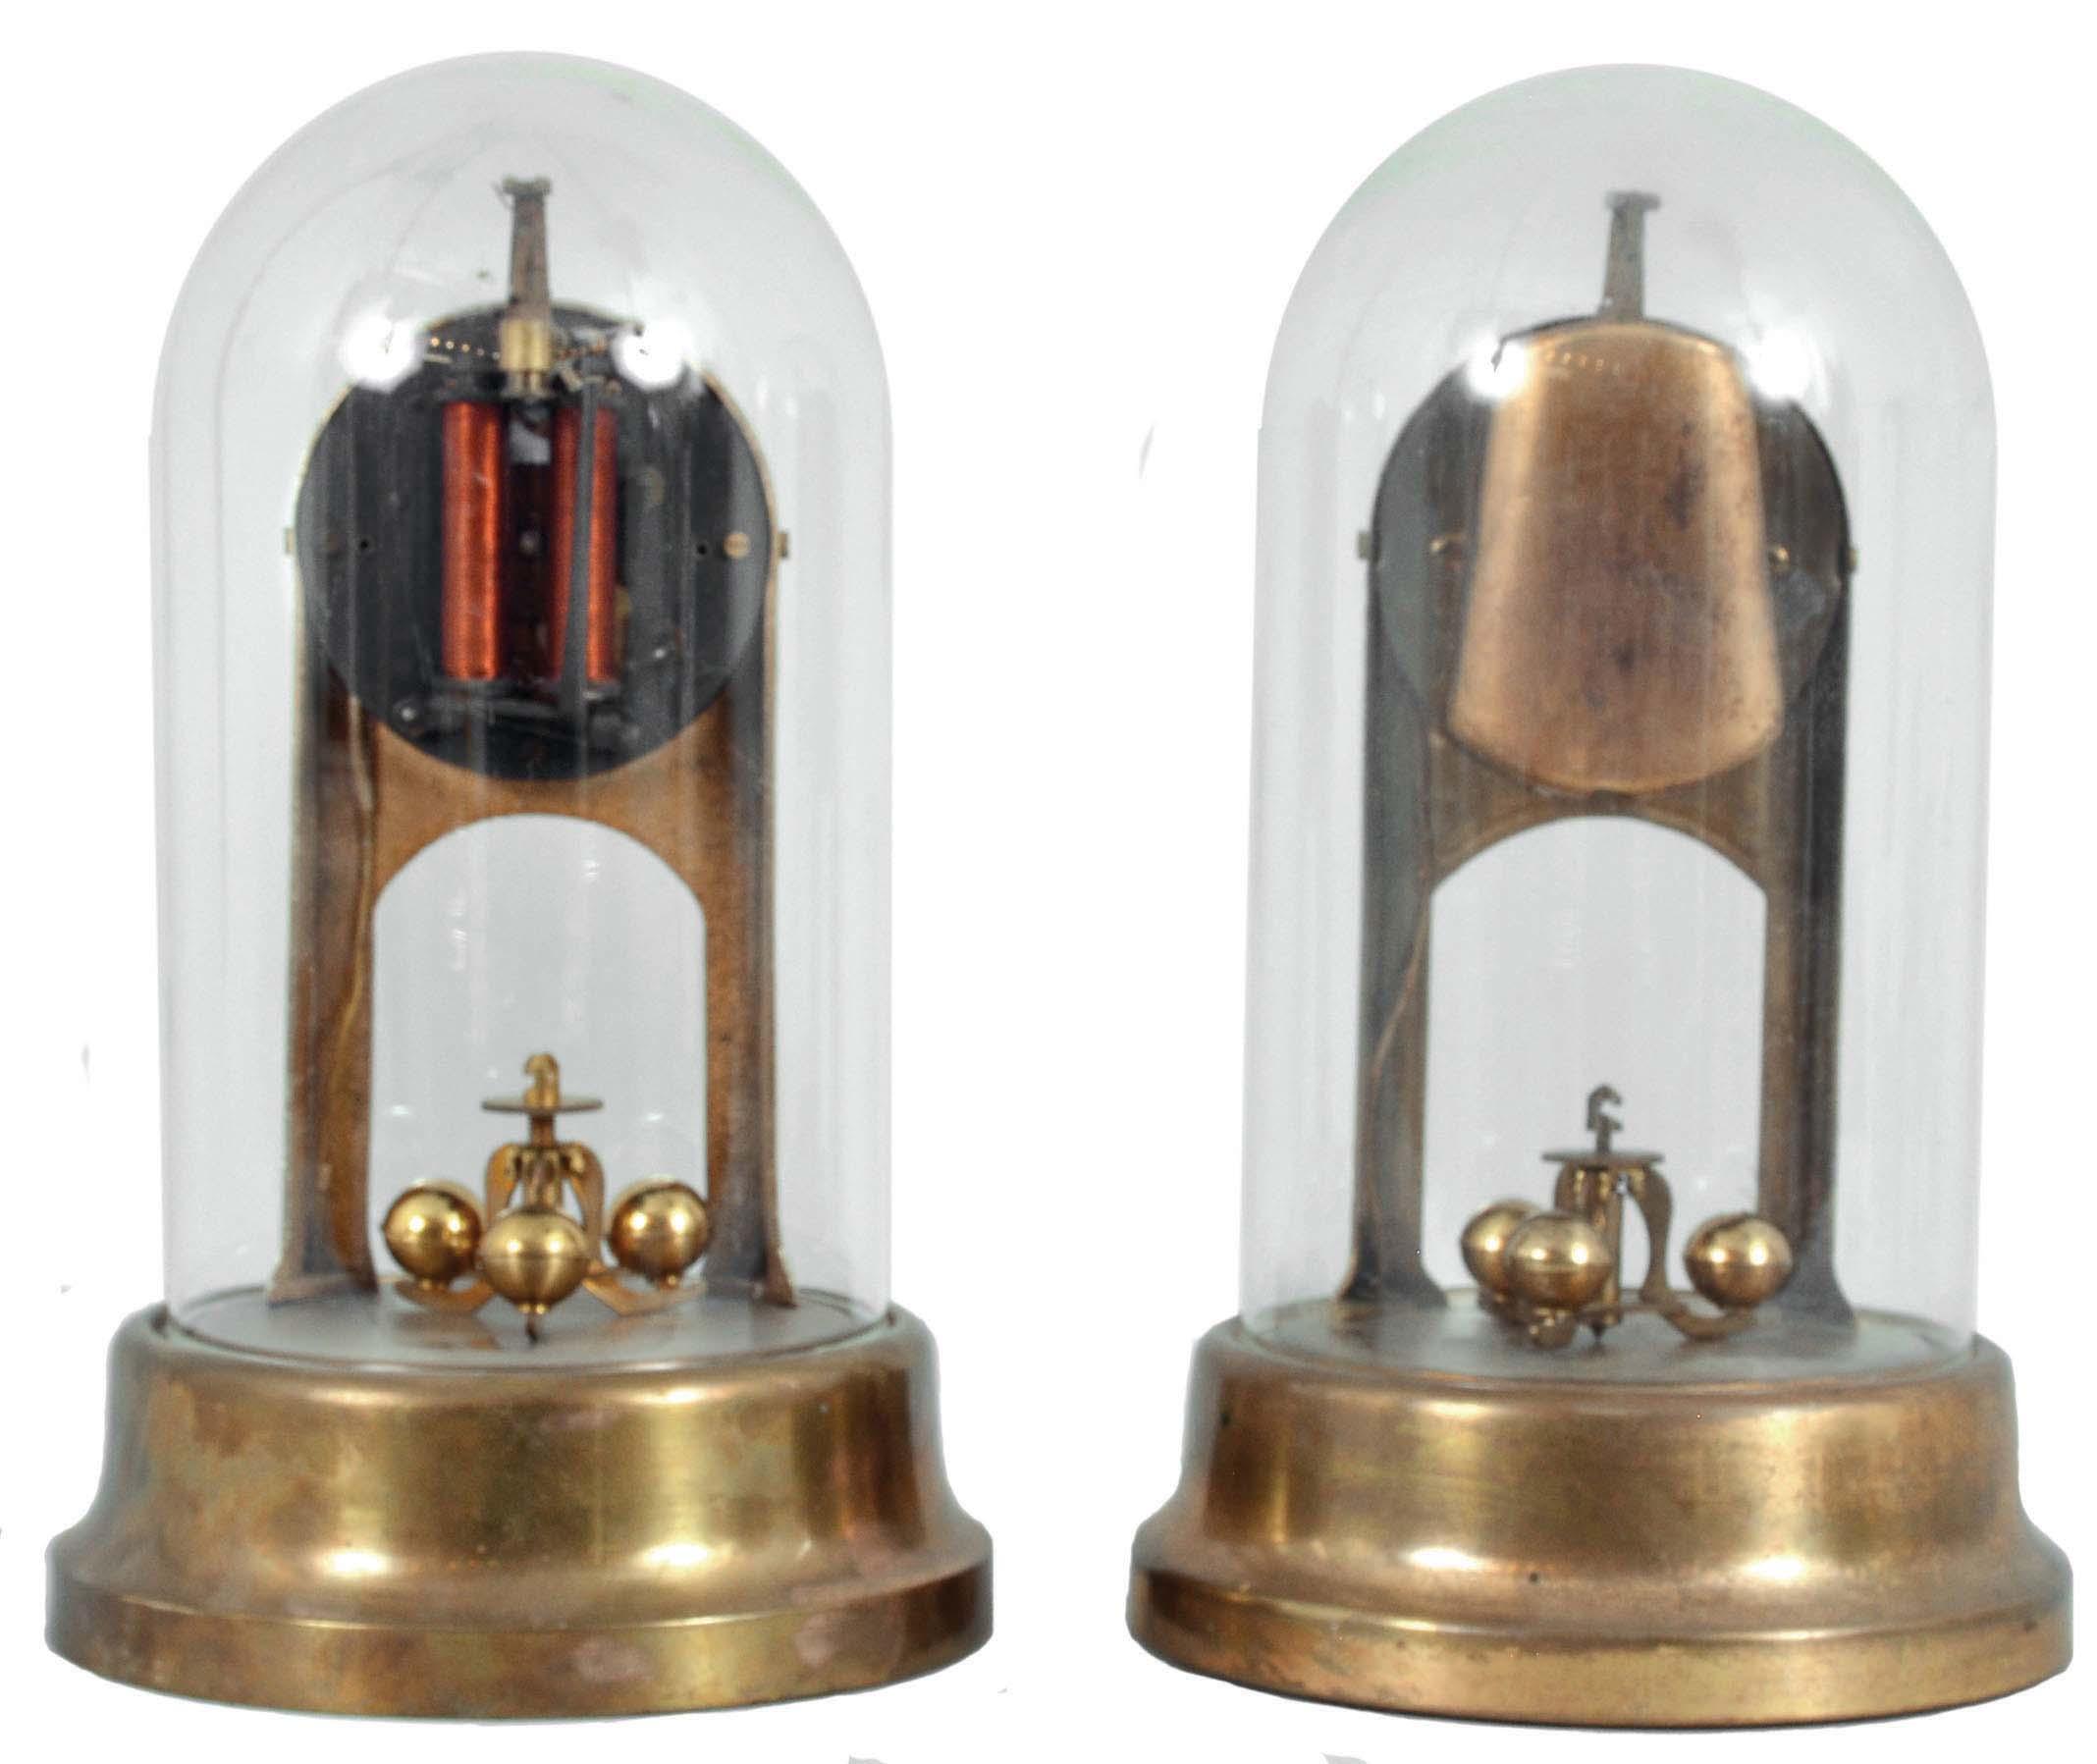 19219_02.jpg